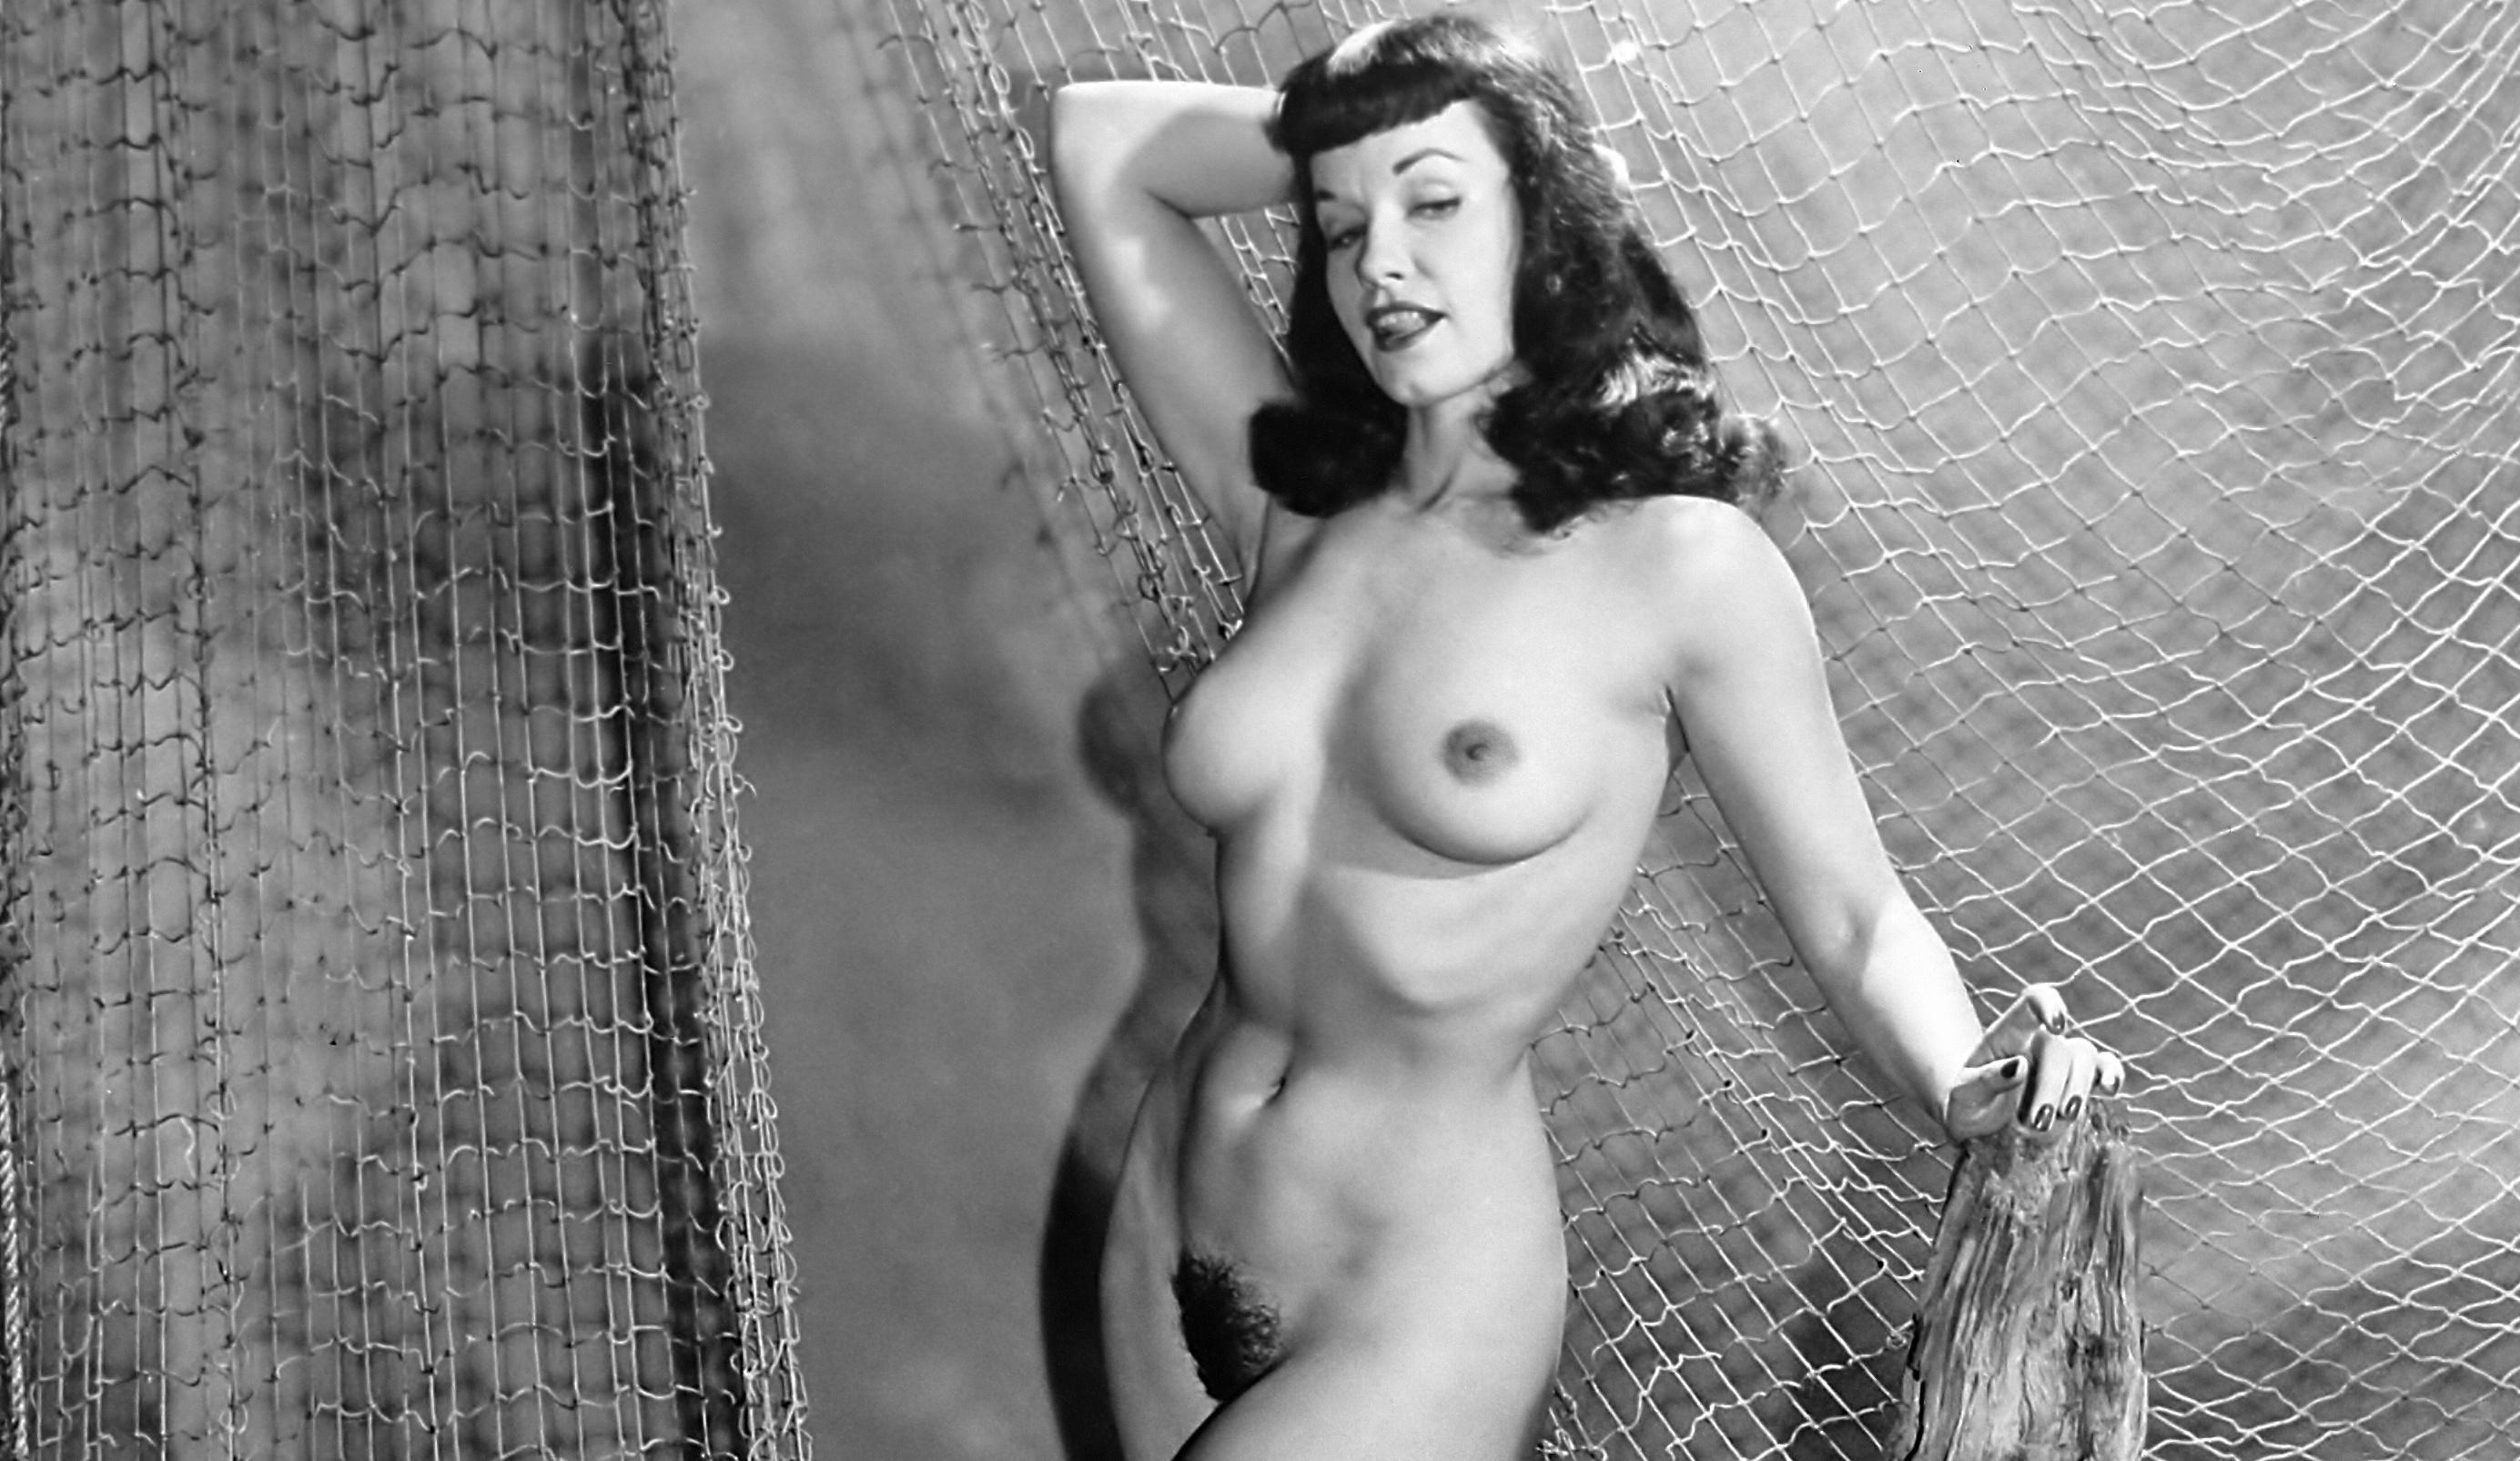 model-margaret-wood-nude-amateur-older-women-pictures